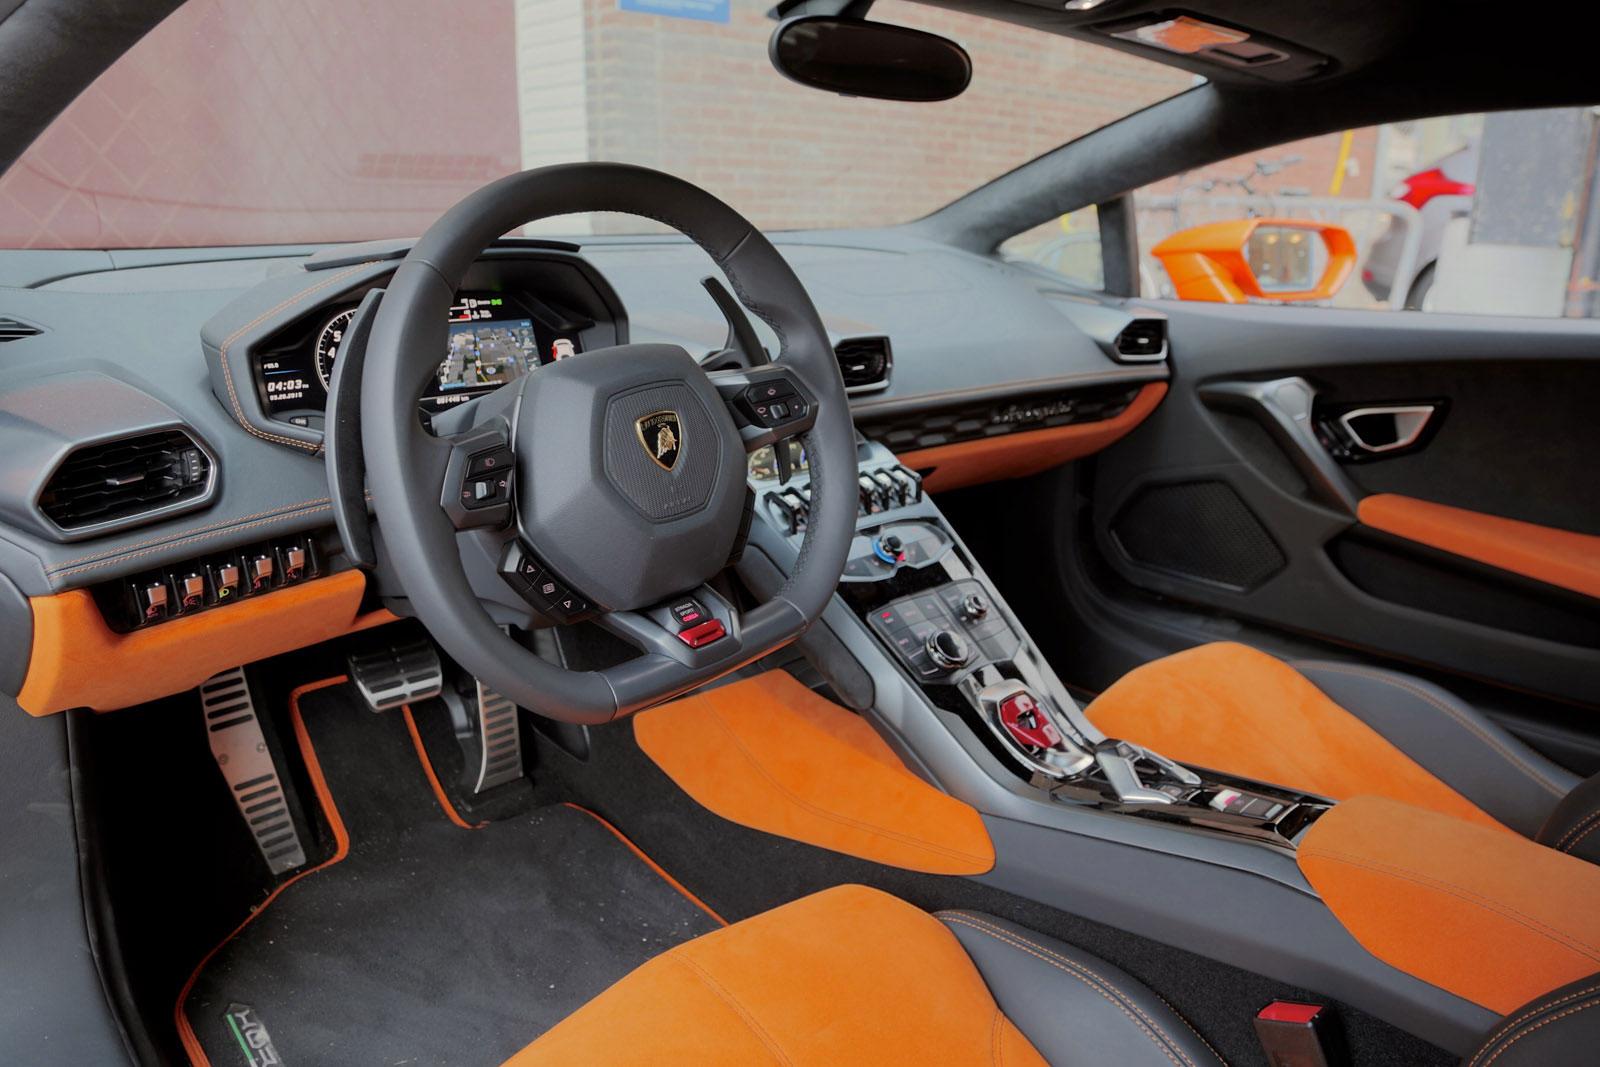 2015 lamborghini huracan orange interior - Lamborghini Huracan Orange Interior